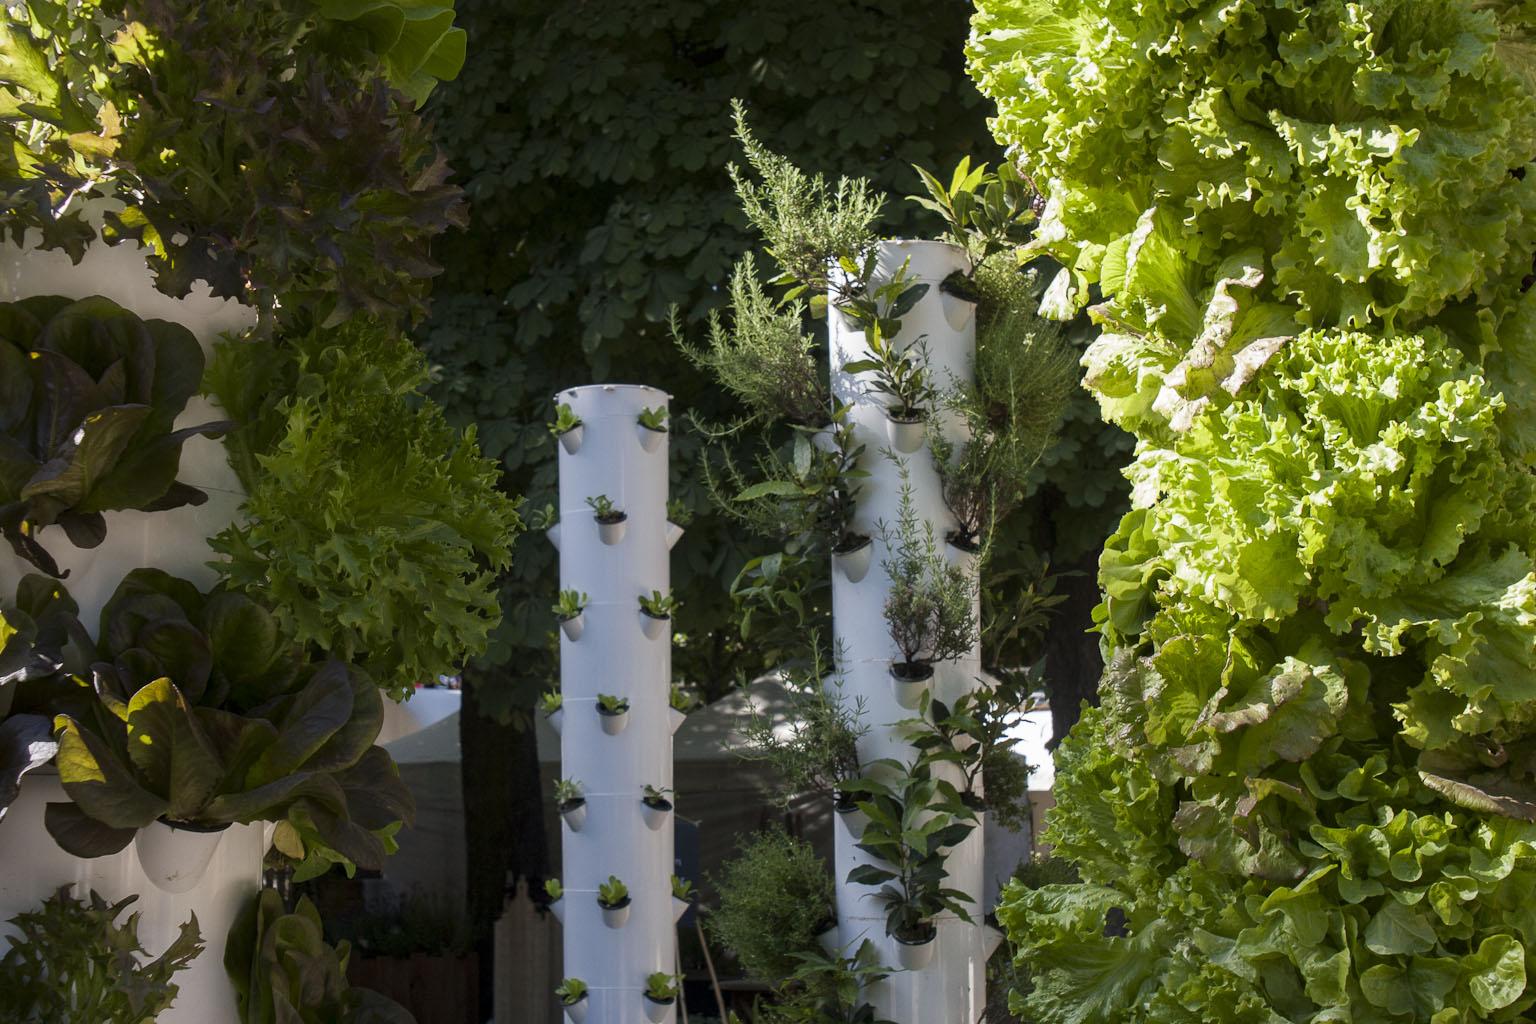 Colonnes hydroponiques - Les fermes en ville - Jardins Jardin 2015 aux Tuileries - Paris